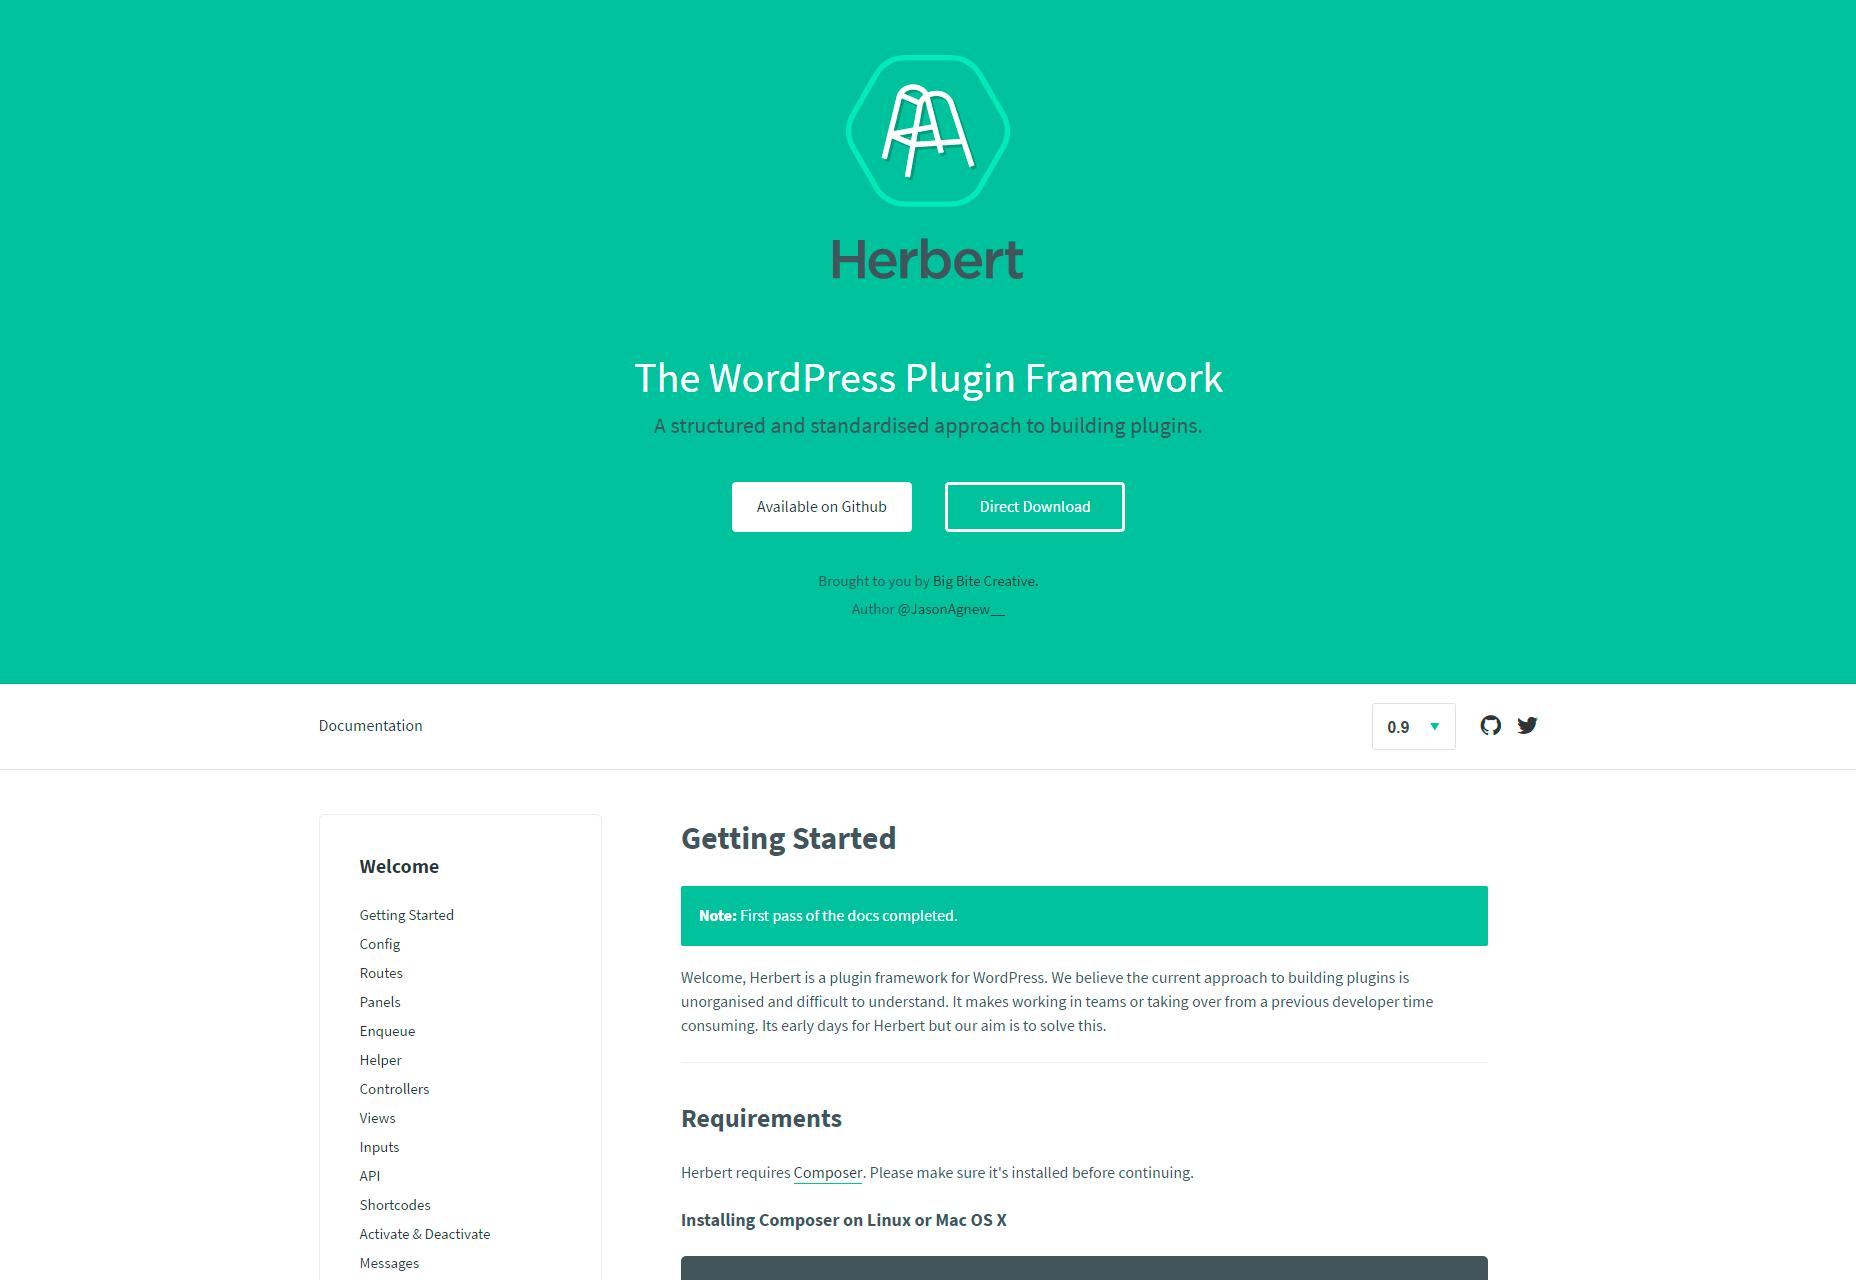 Herbert: Marco de plugin estructurado de WordPress